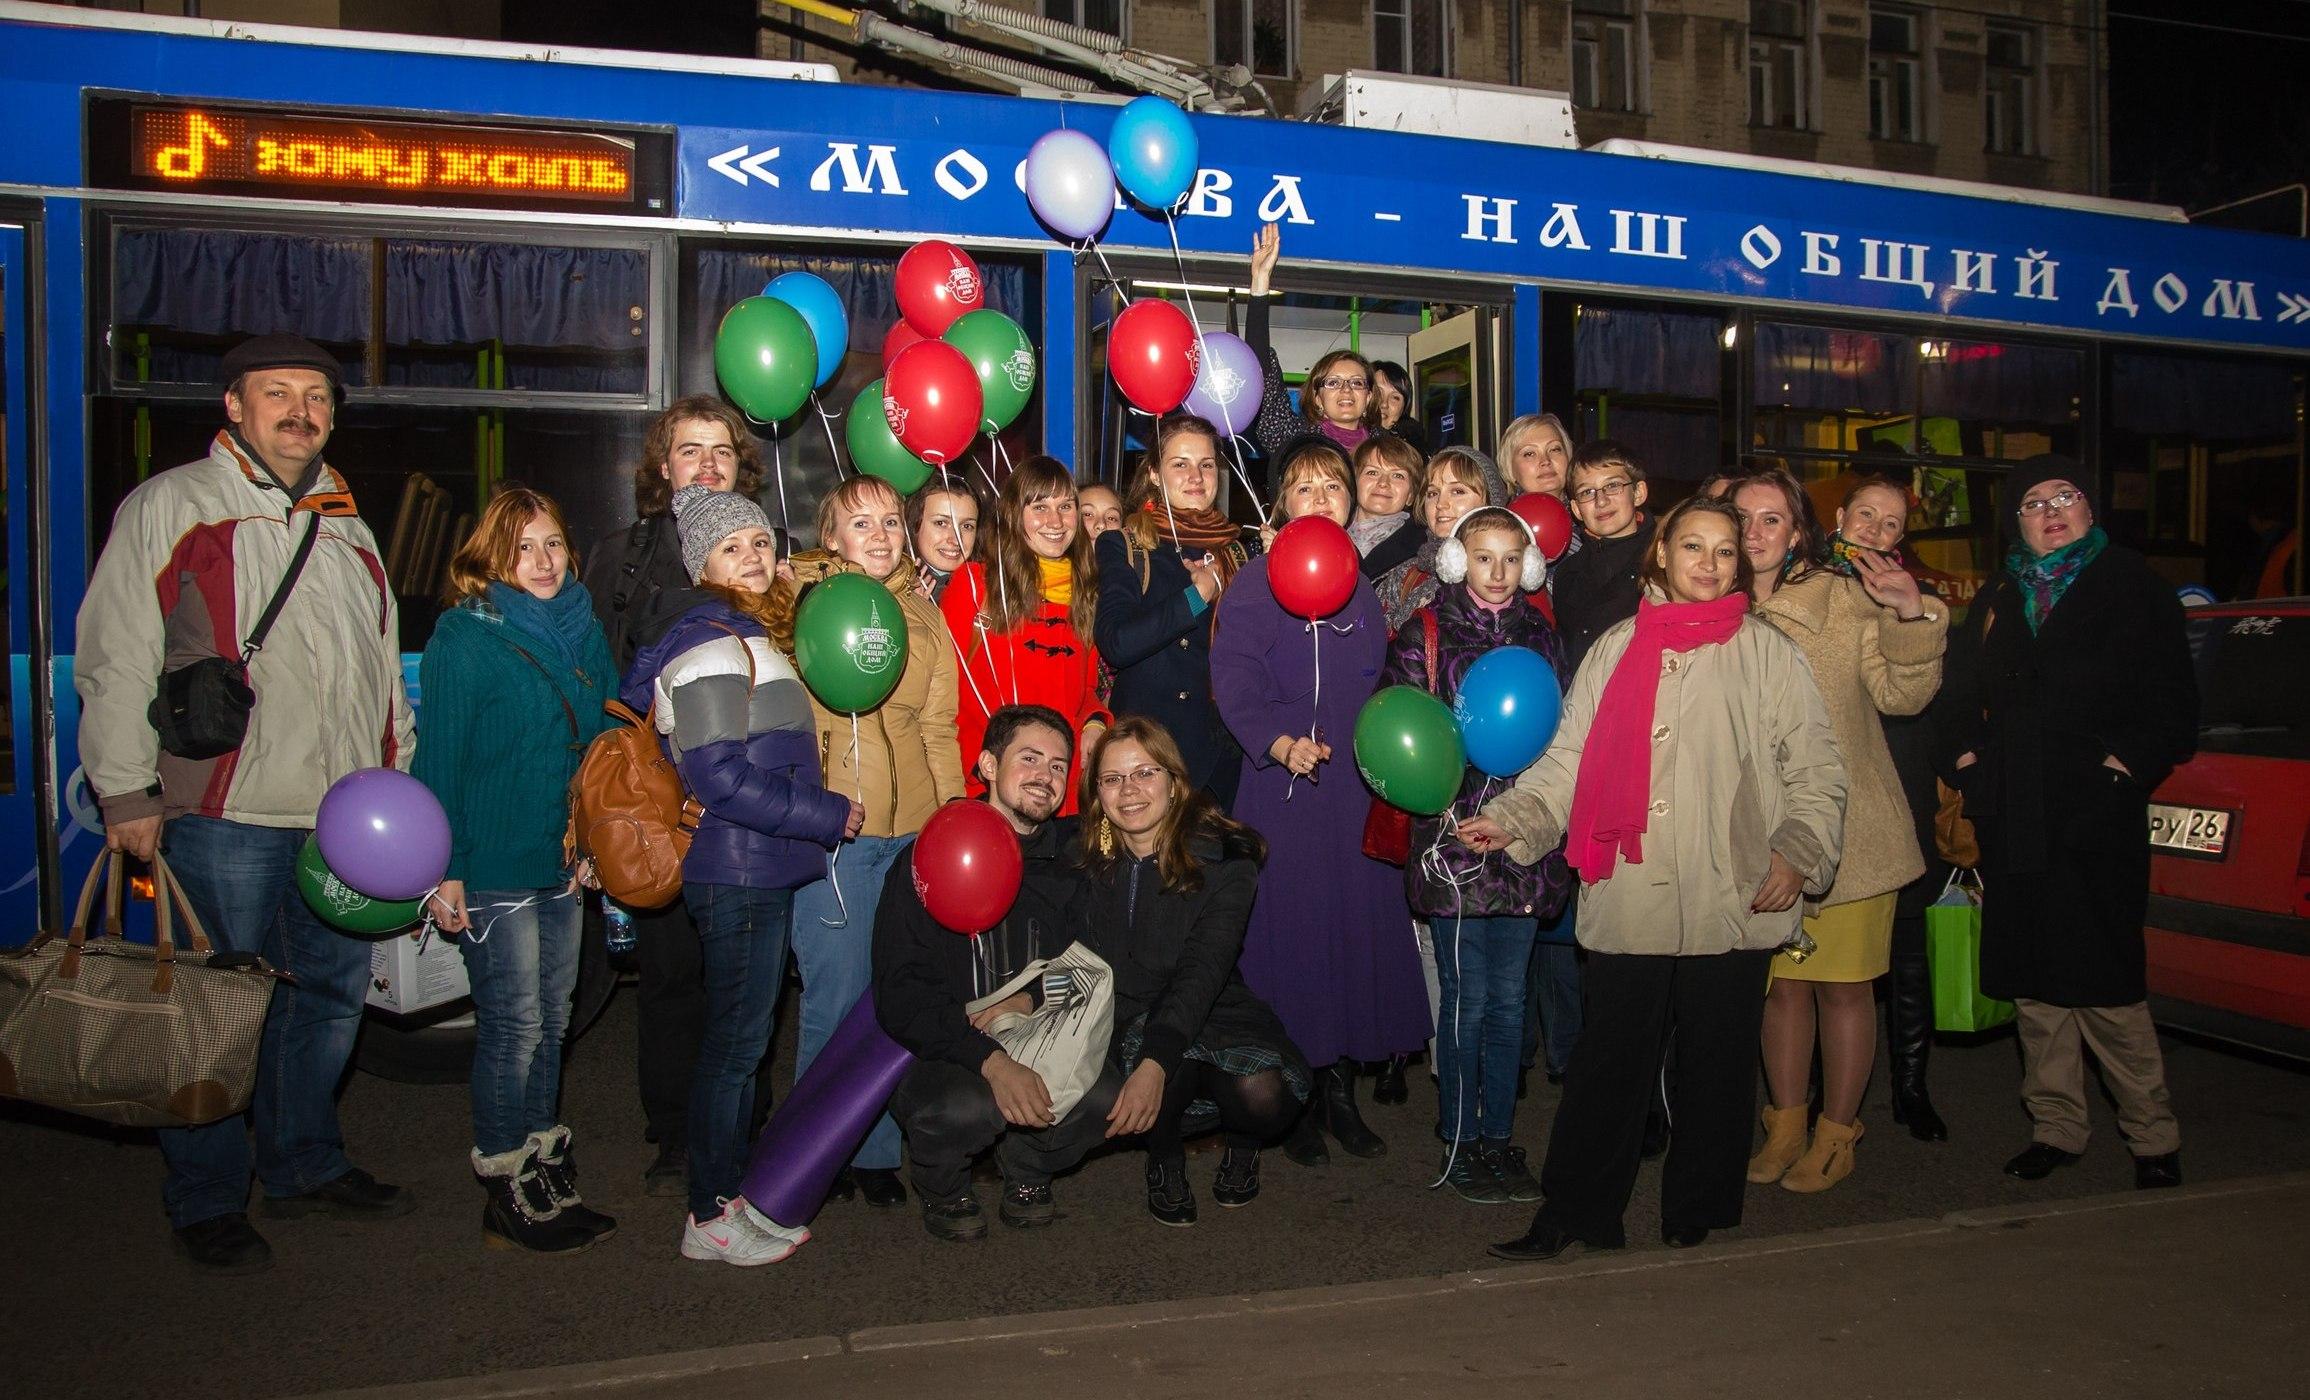 Клуб любителей высоцкого в москве ночной клуб фон для фотошопа